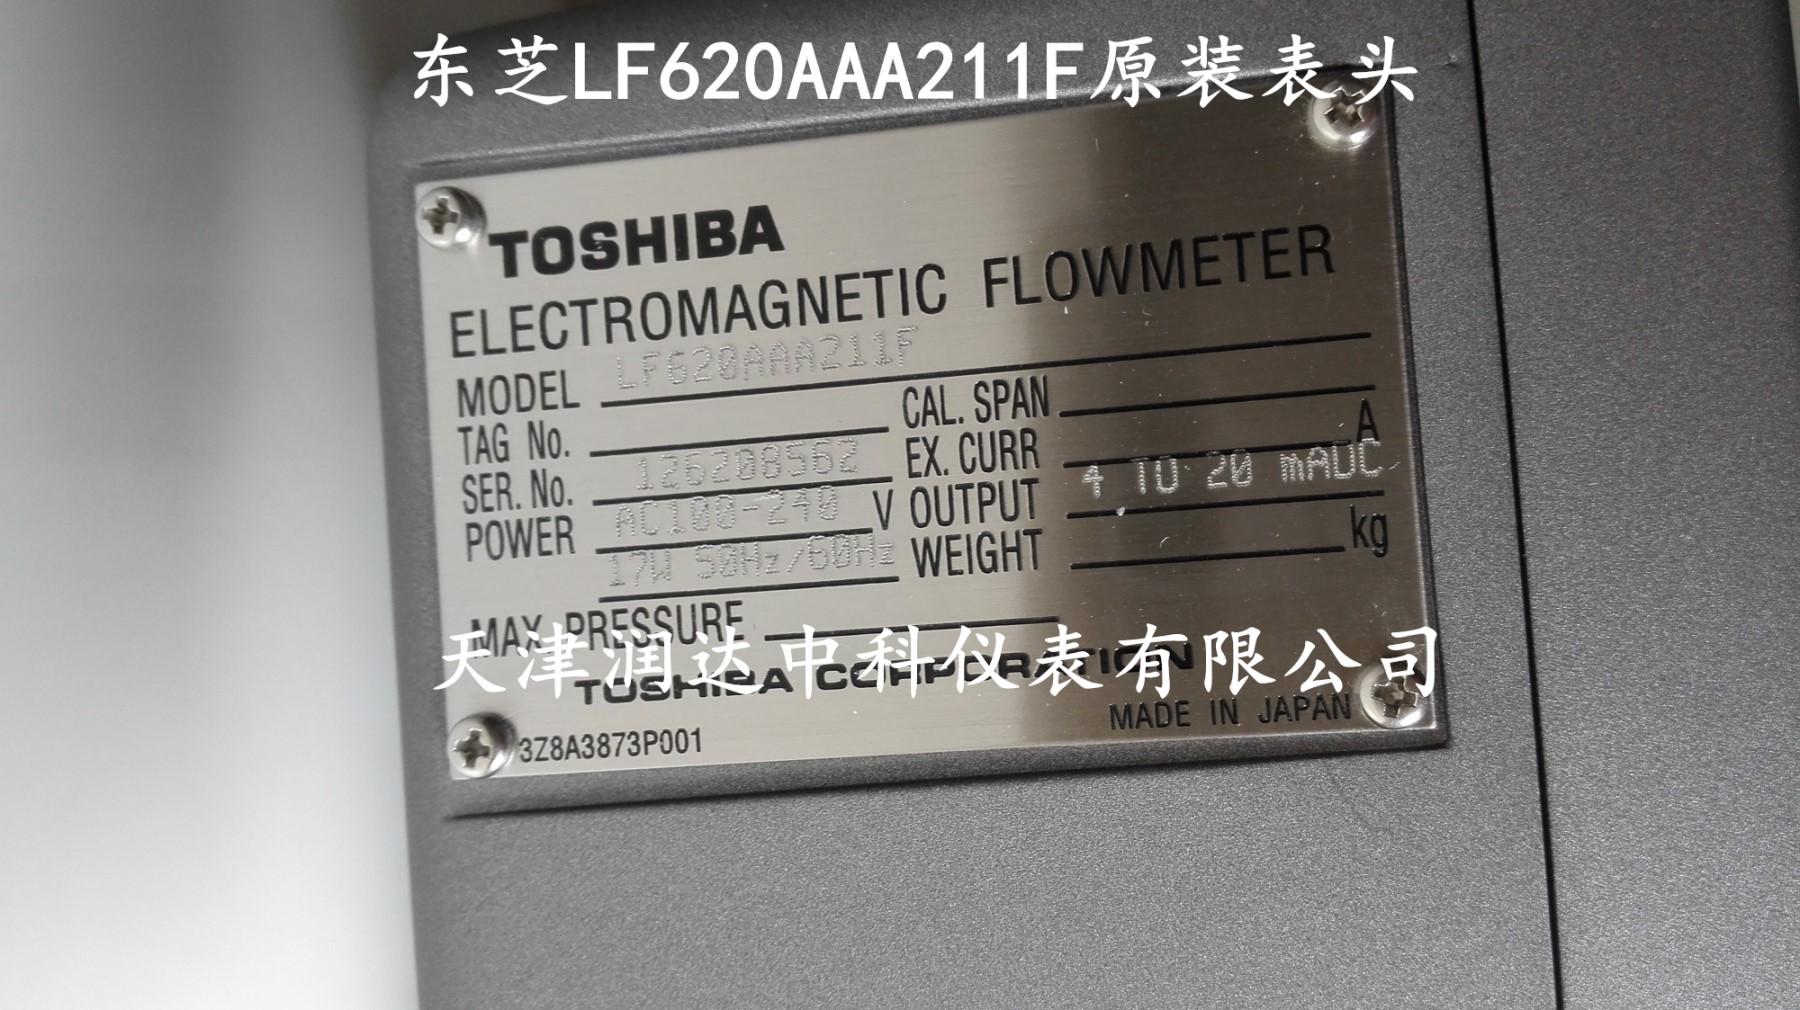 东芝LF620AAA211F电磁流量计